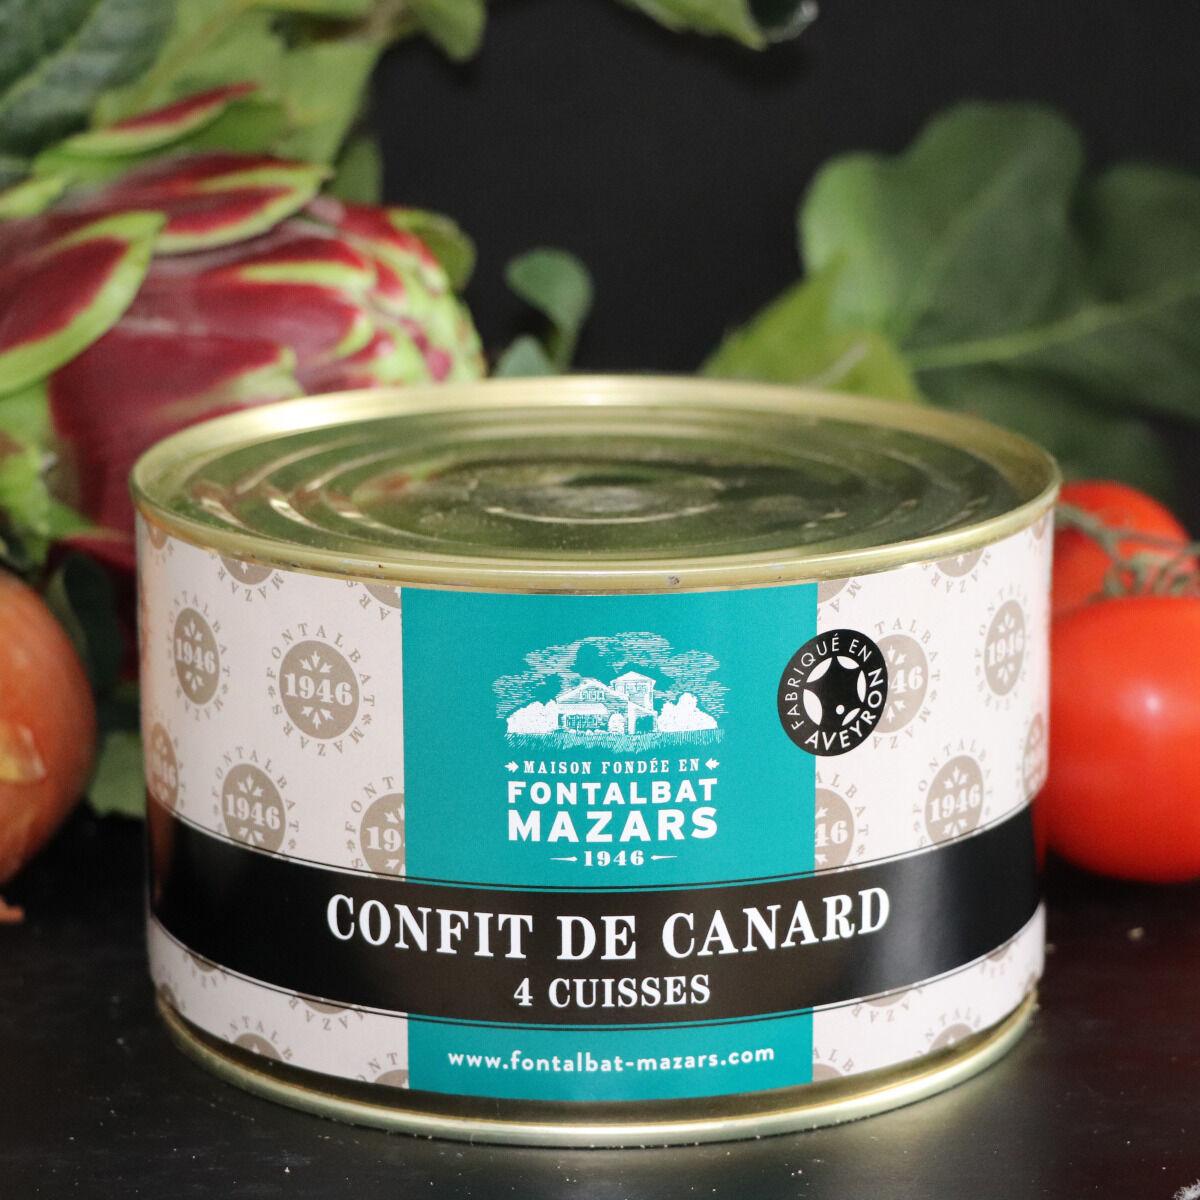 Fontalbat Mazars Confit de canard boite 4 cuisses